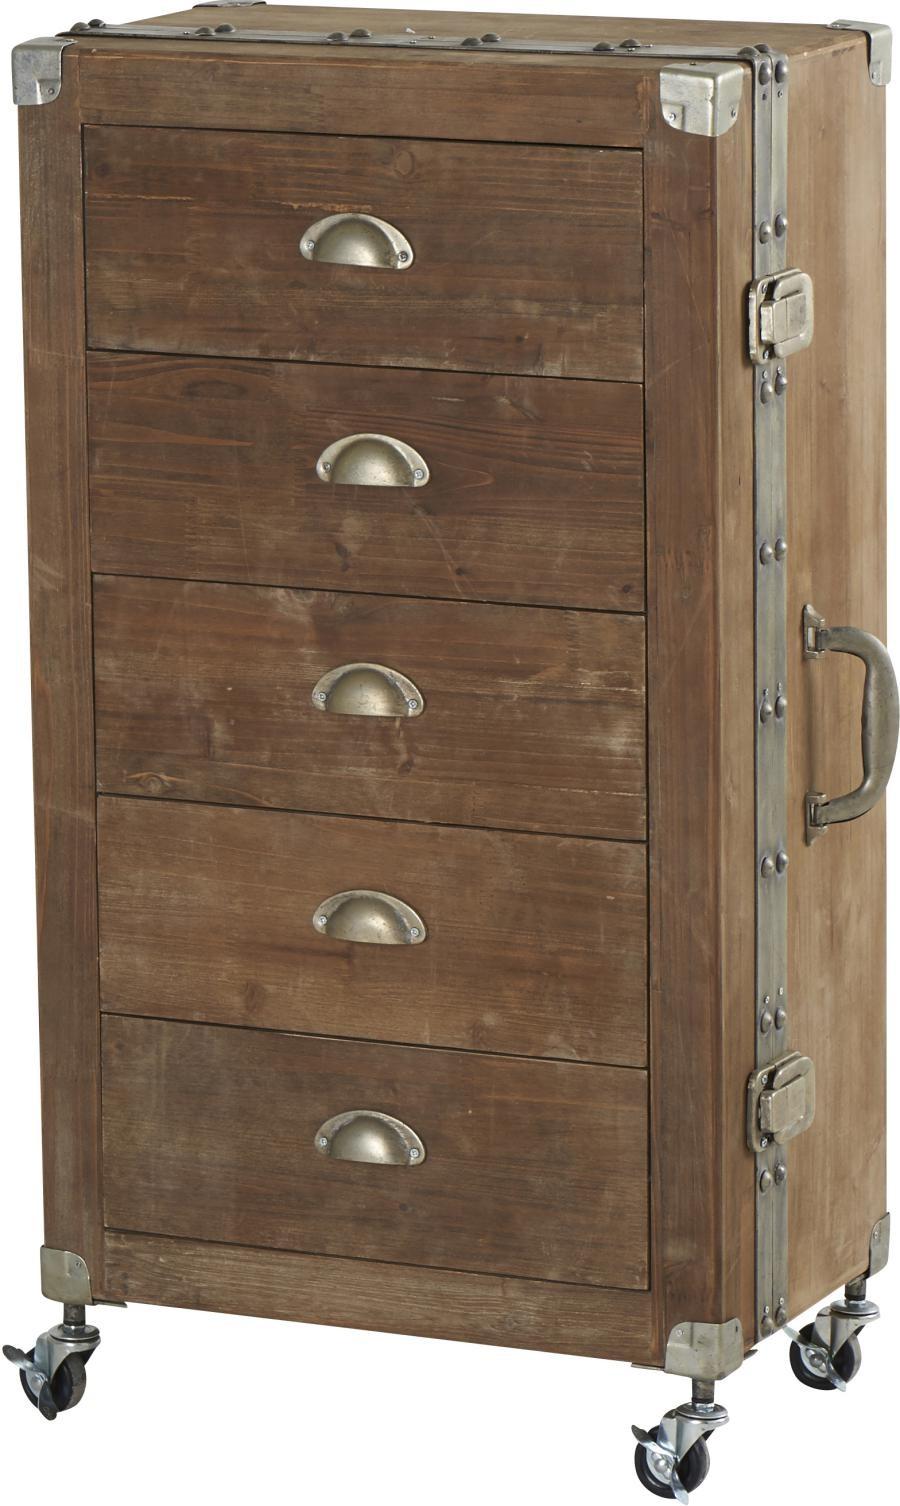 valise en bois Chiffonnier 5 Tiroirs valise en bois brut 52.5x32x94.5cm Hanjel HA-.